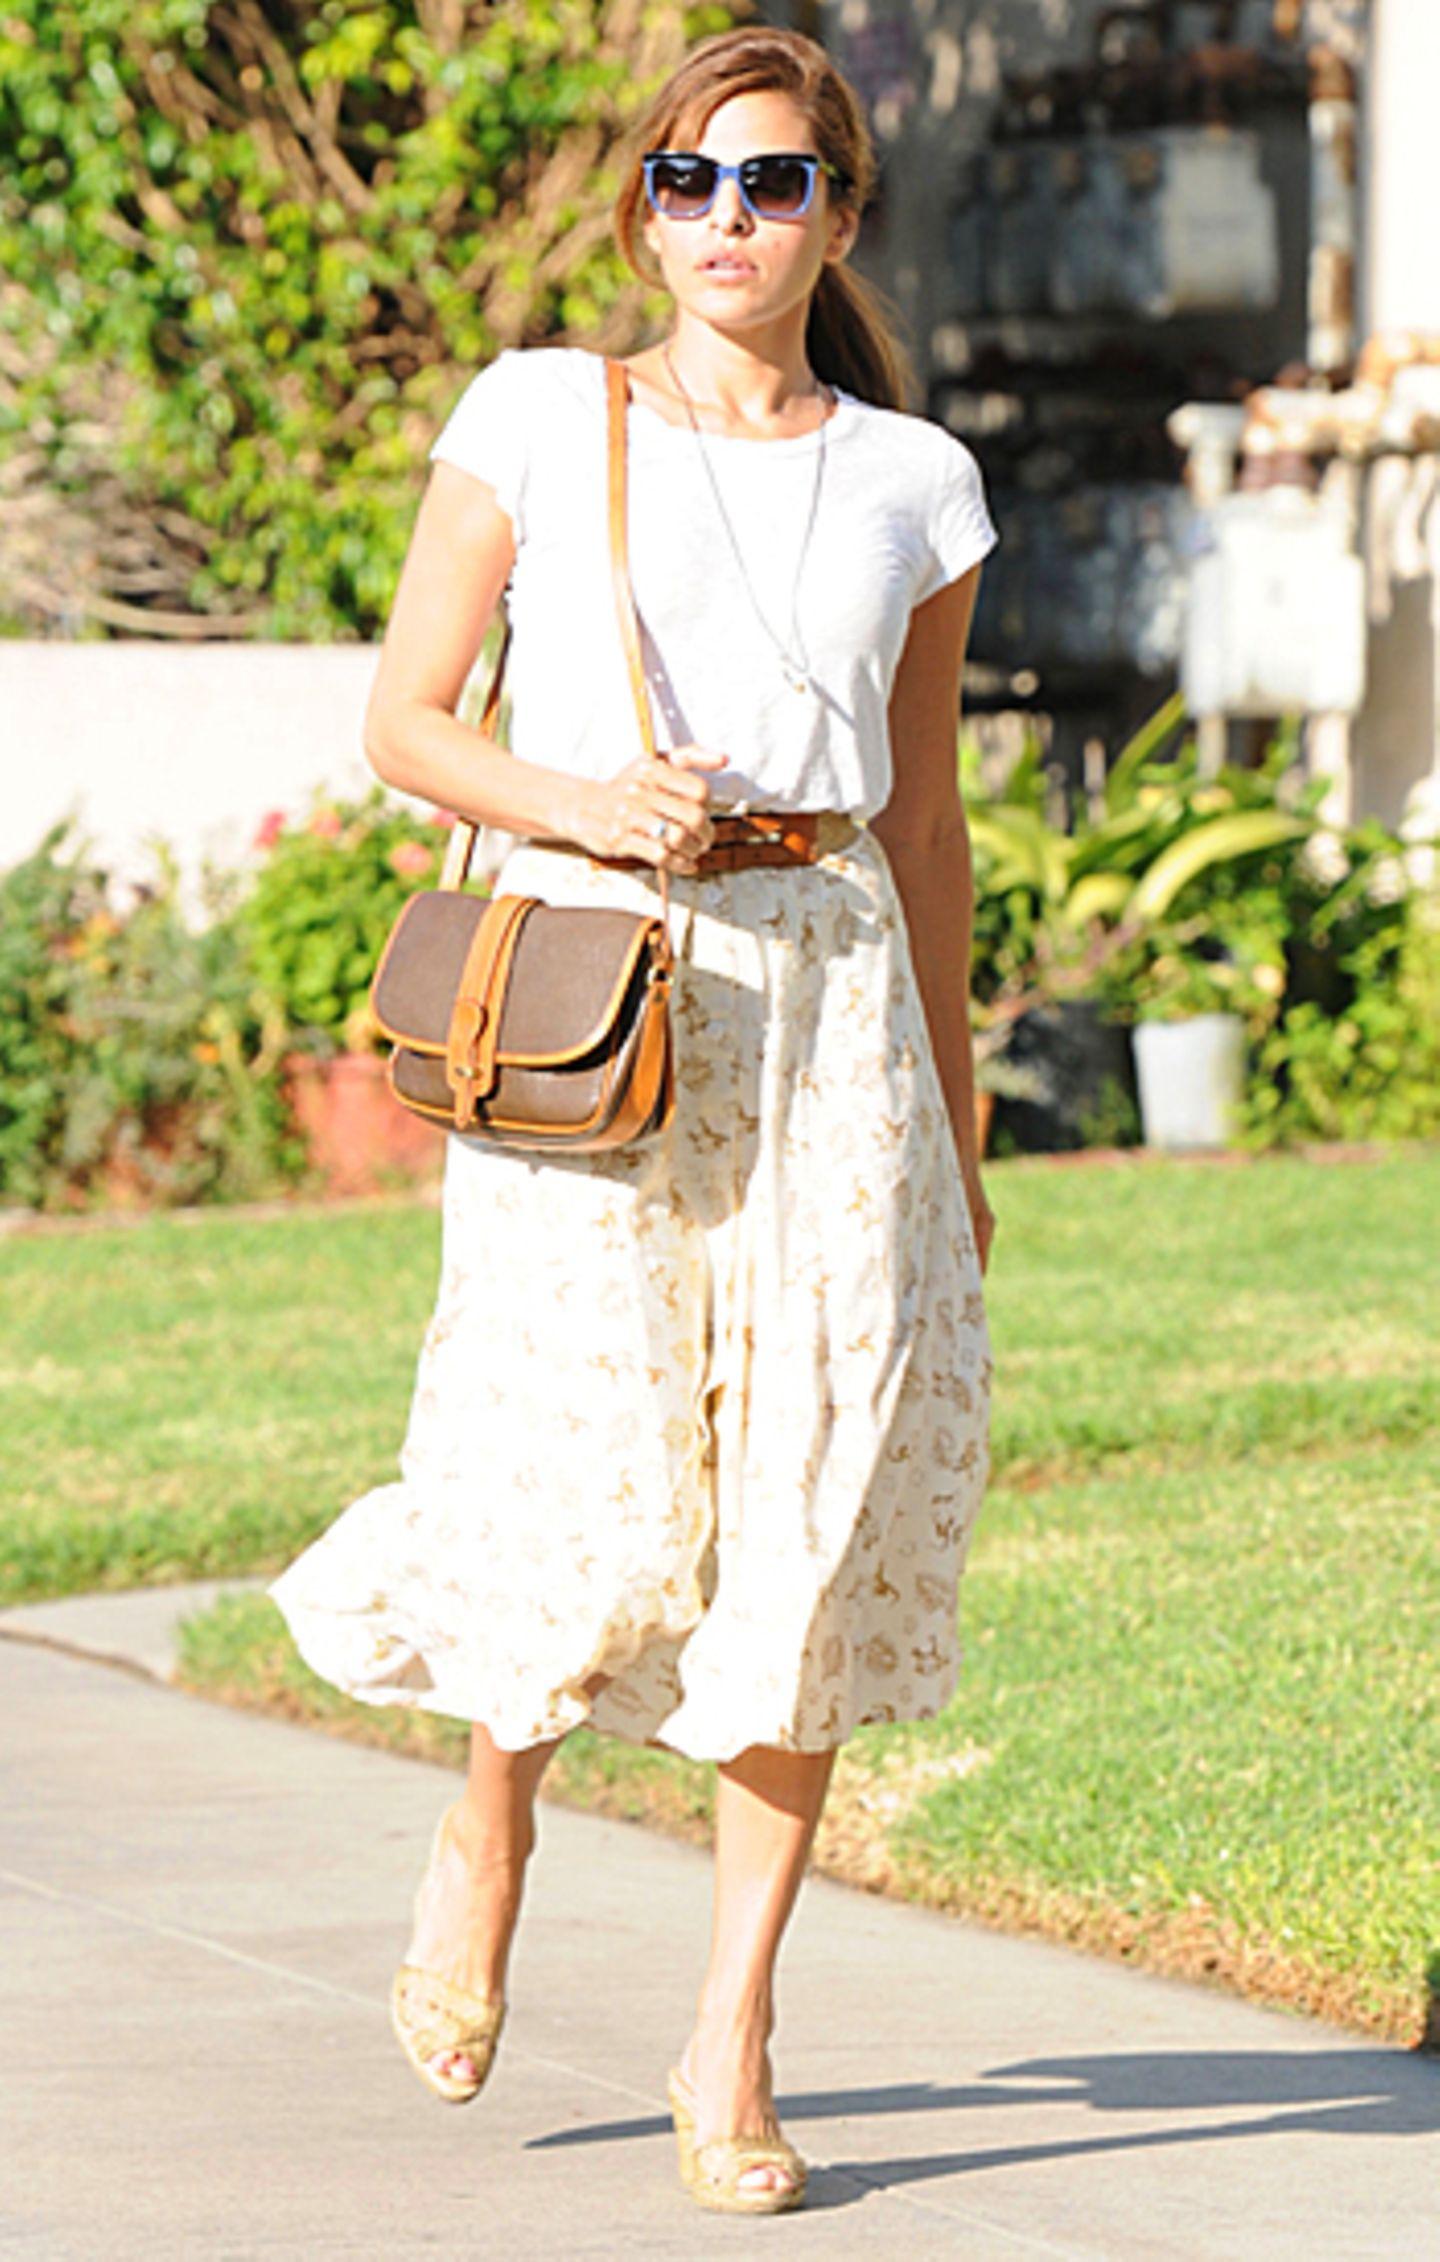 Die Braun- und Beigetöne passen wunderbar zu Eva Mendes' gebräuntem Teint.